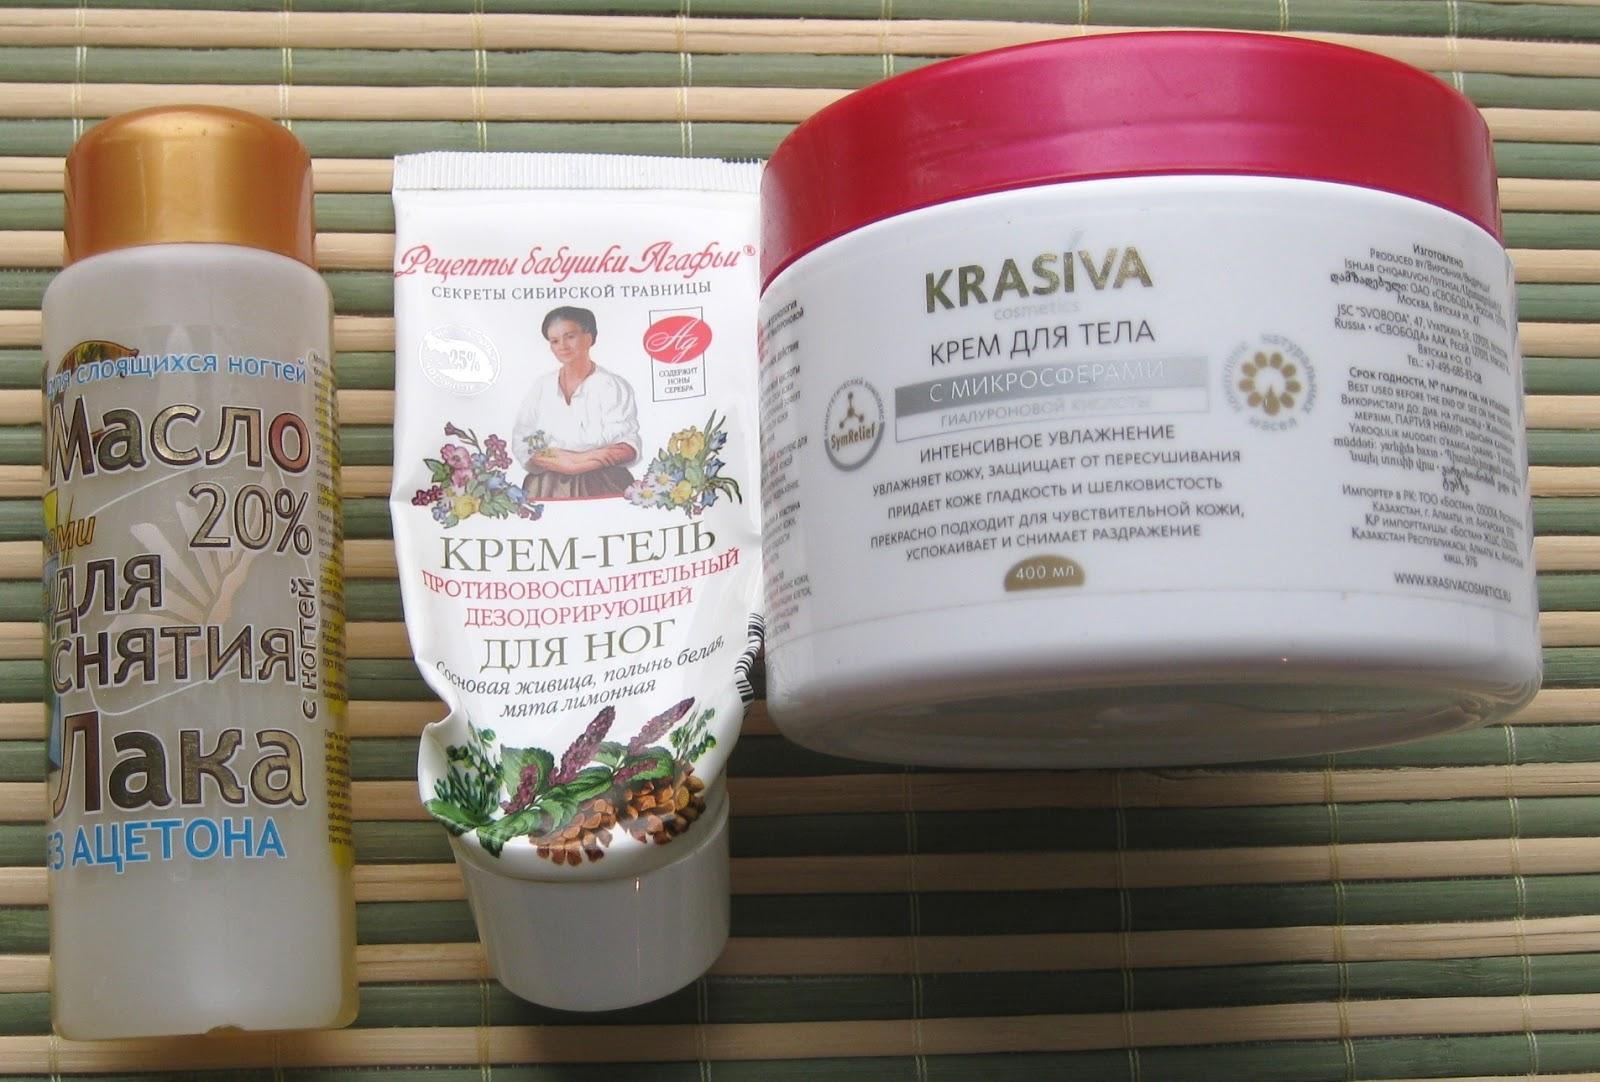 Крем для тела интенсивное увлажнение от KRASIVA cosmetics, Крем-гель для ног противовоспалительный дезодорирующий от Рецепты Бабушки Агафьи, Масло для снятия лака от DNC